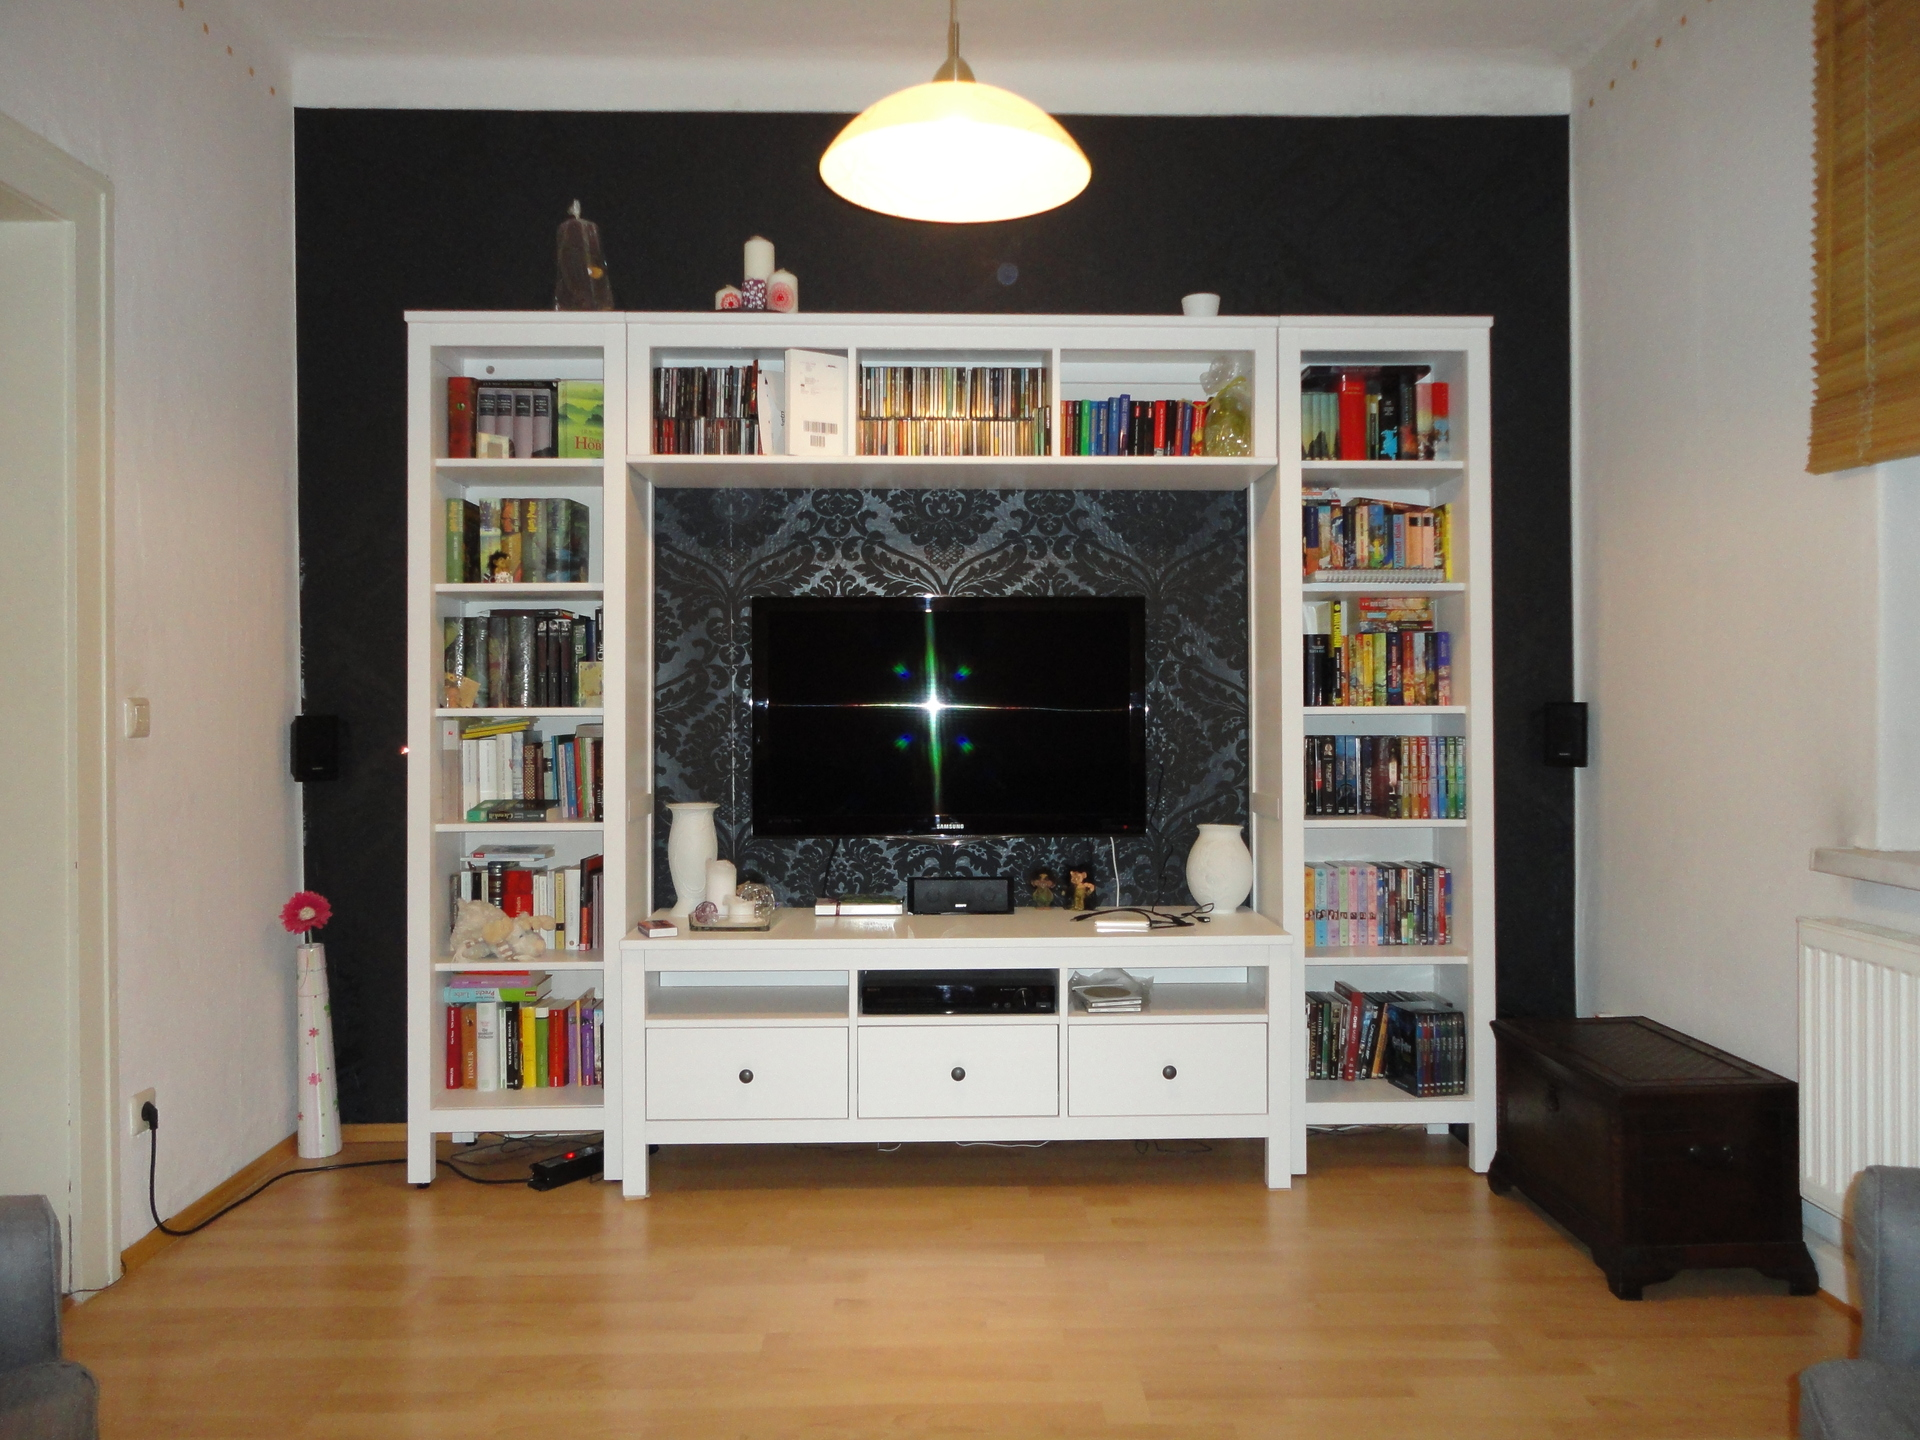 Einsteiger Setup für 16qm Wohnzimmer unter 1000 Euro, erbitte ...